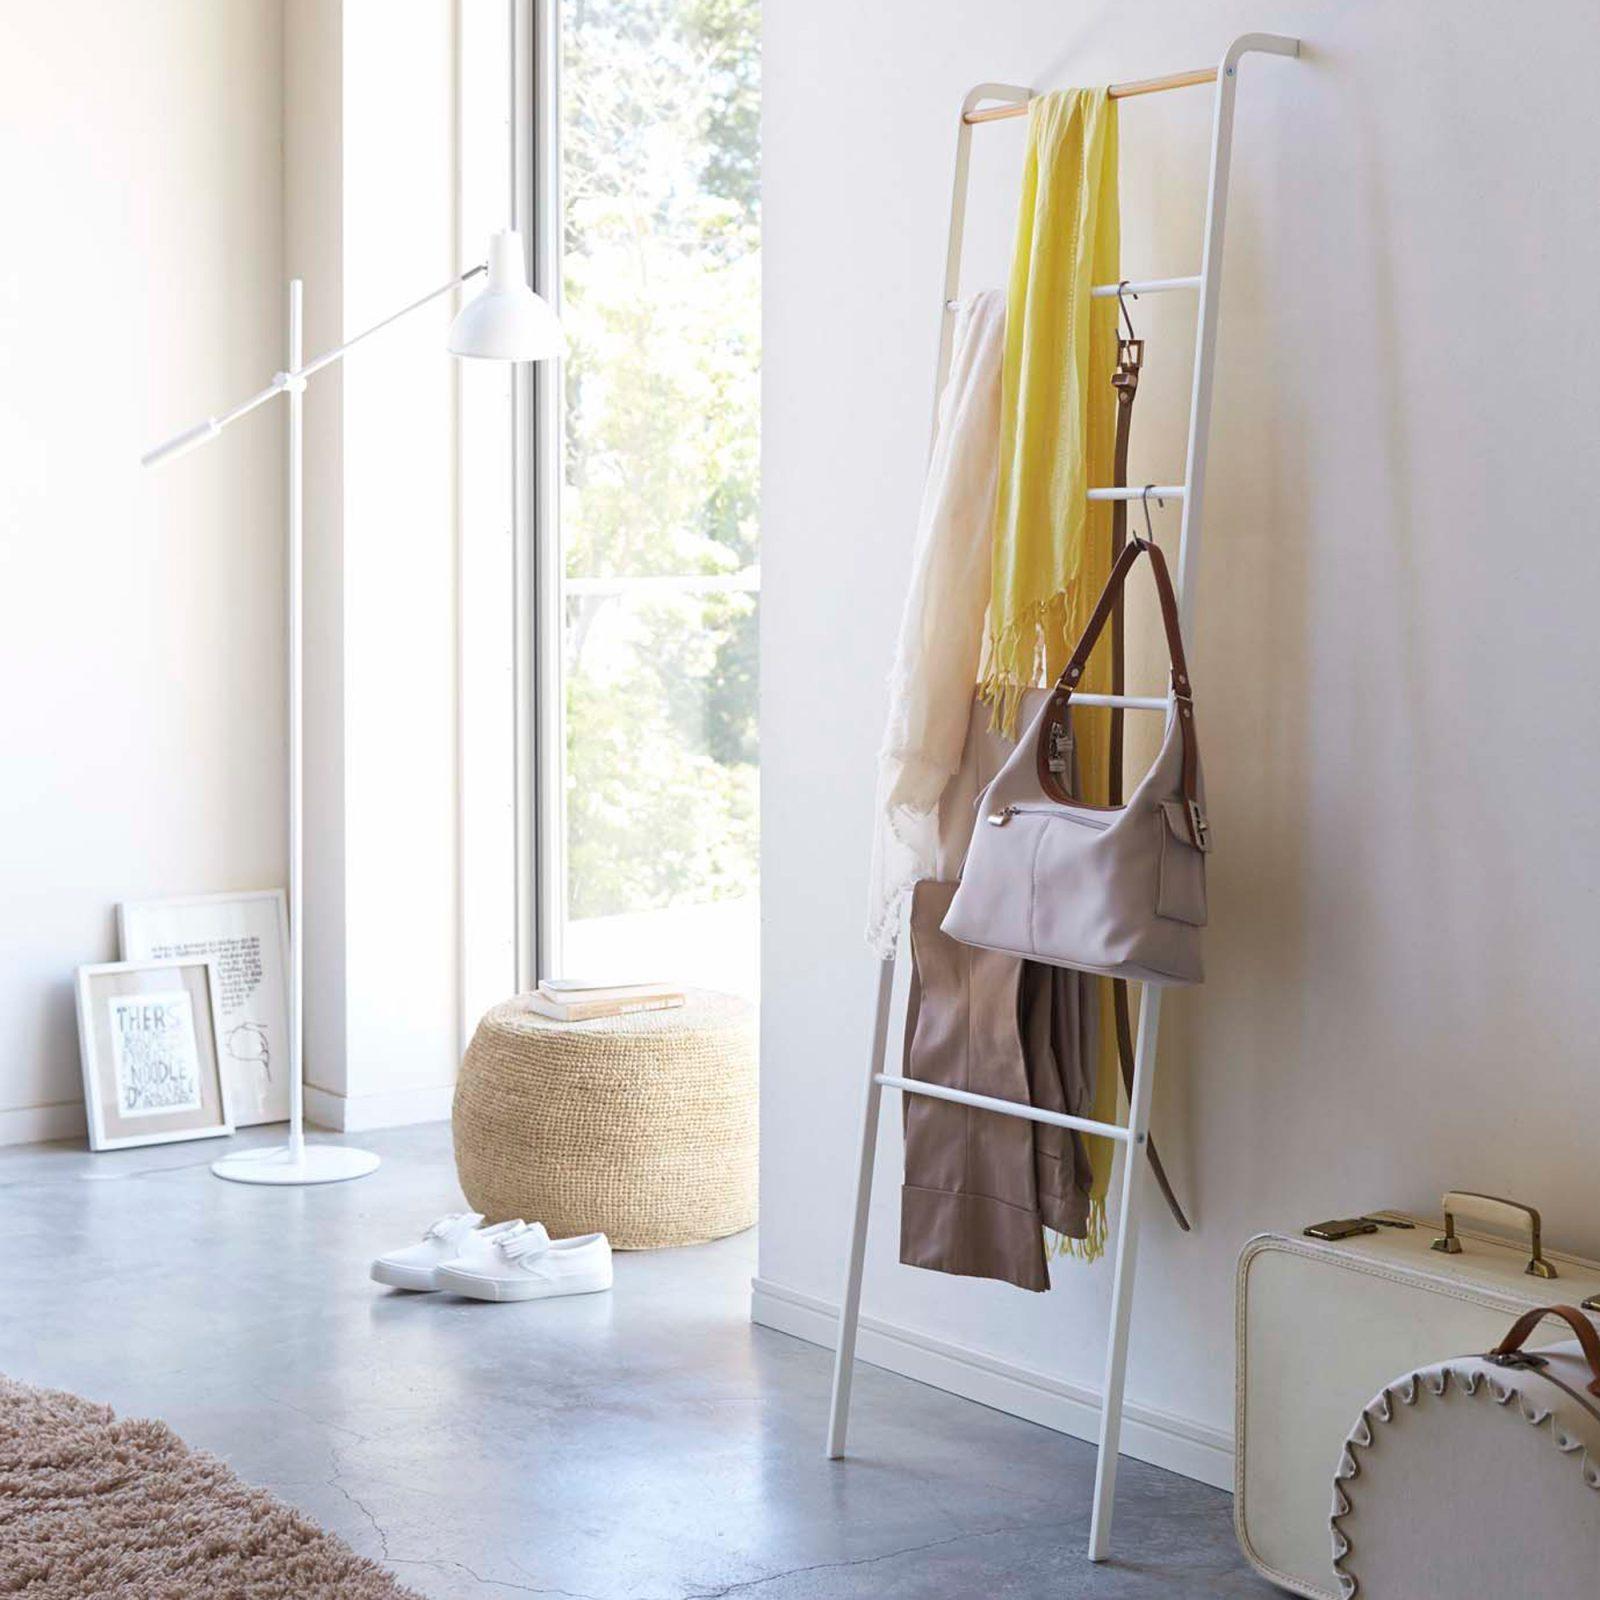 tower-leaning-ladder-hanger-white-2